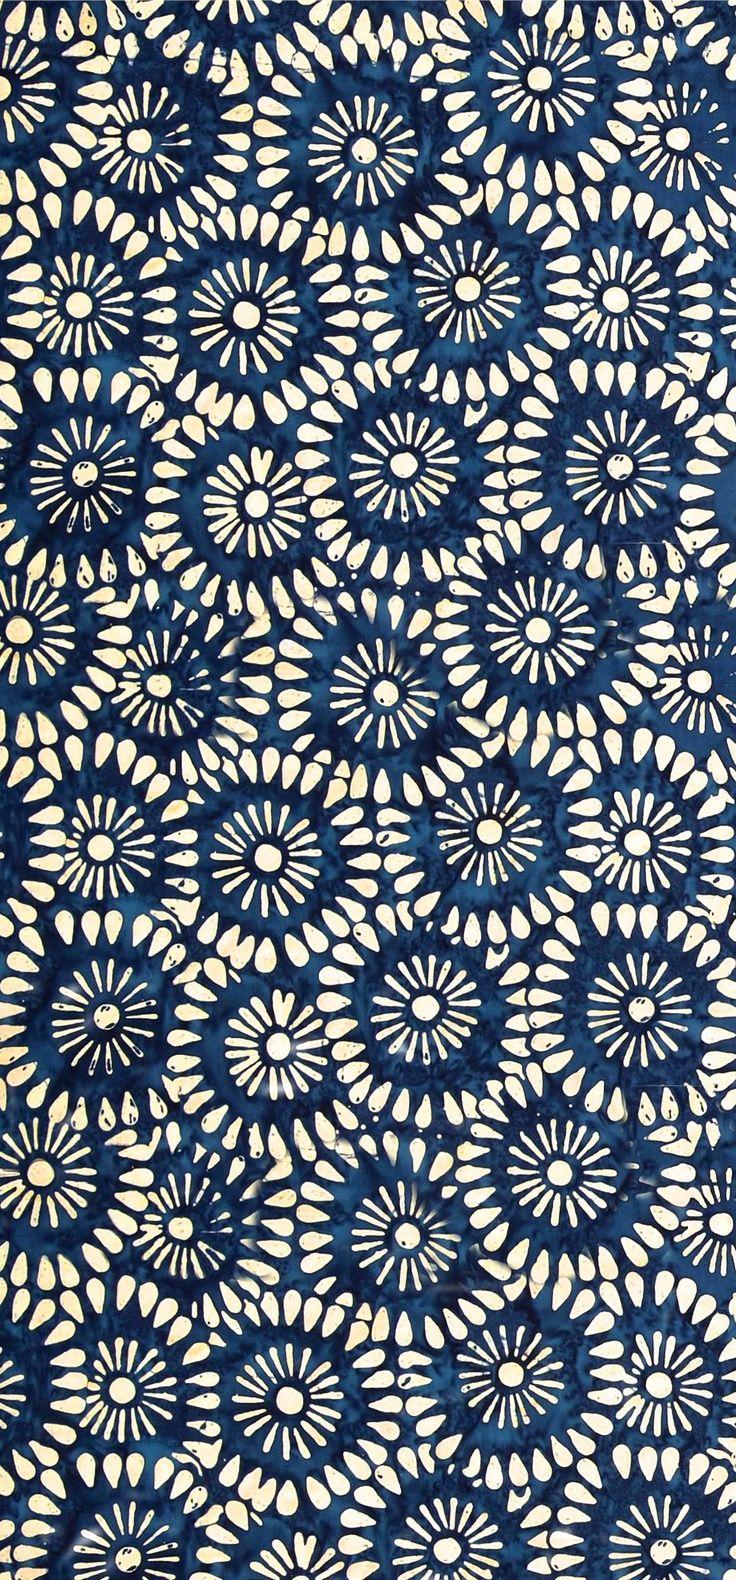 ZsaZsa Bellagio   Prints, Pattern art, Textile patterns